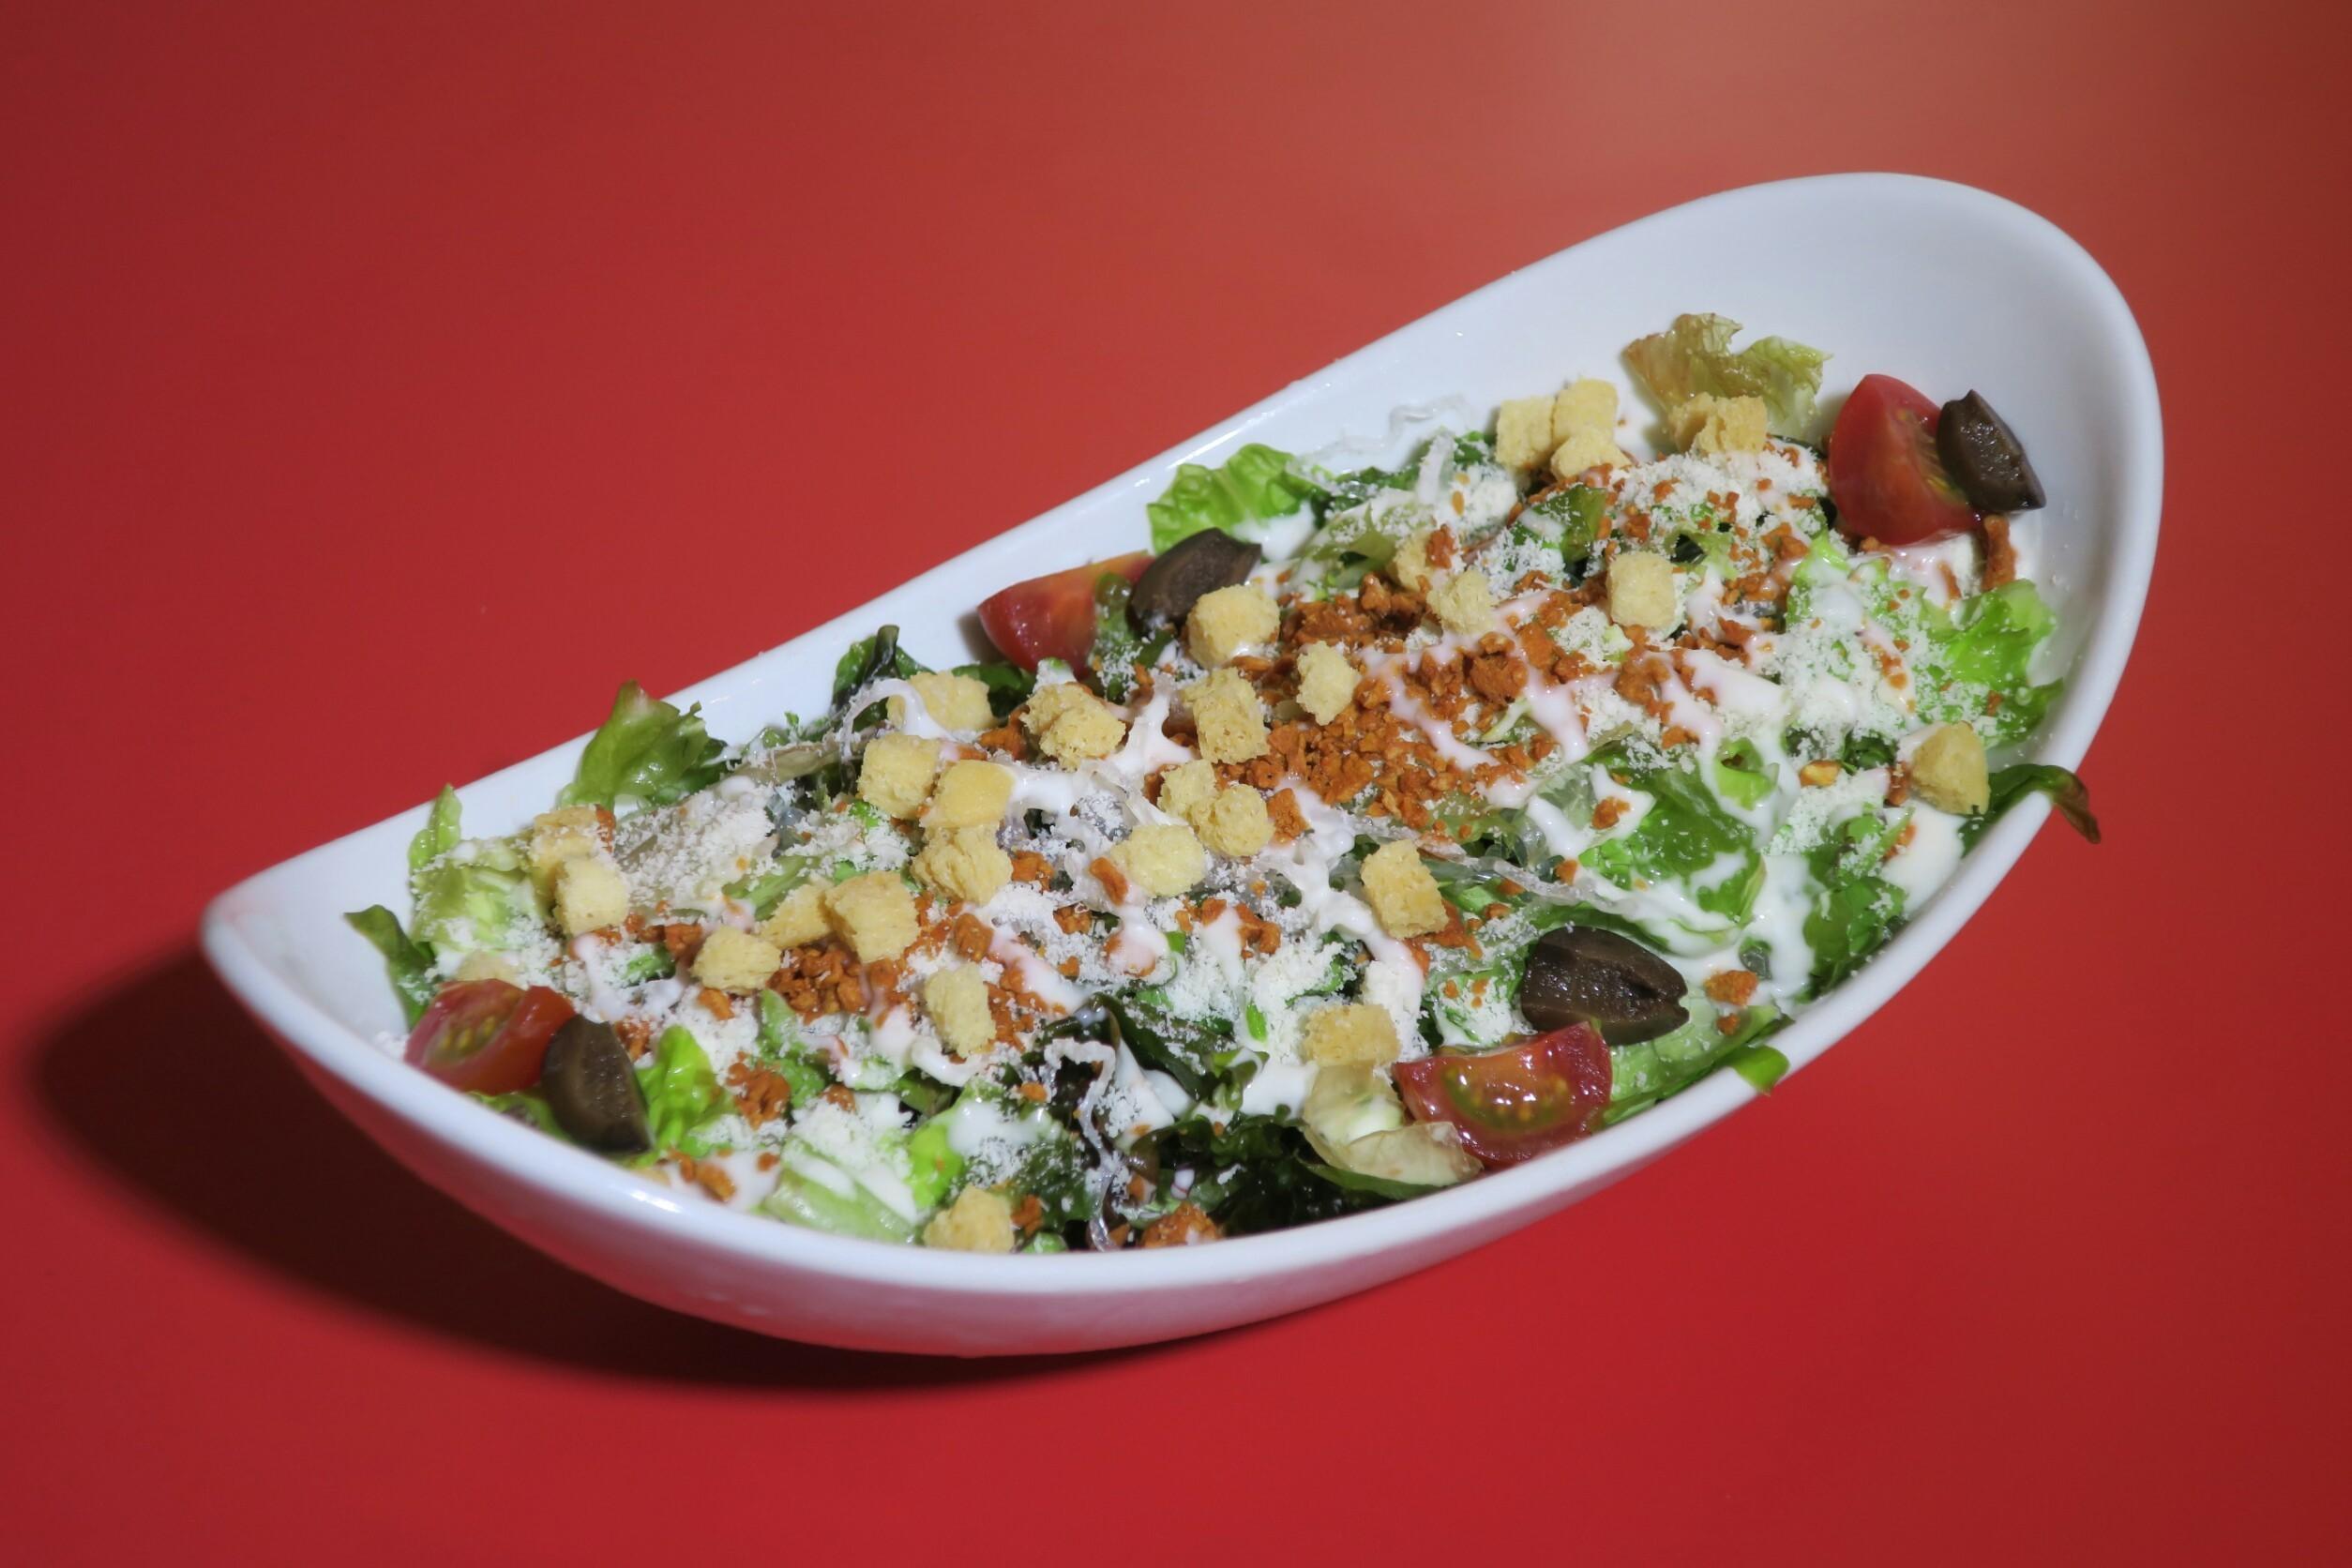 新食感のマリンパスタが入った 「シーザーサラダ」page-visual 新食感のマリンパスタが入った 「シーザーサラダ」ビジュアル